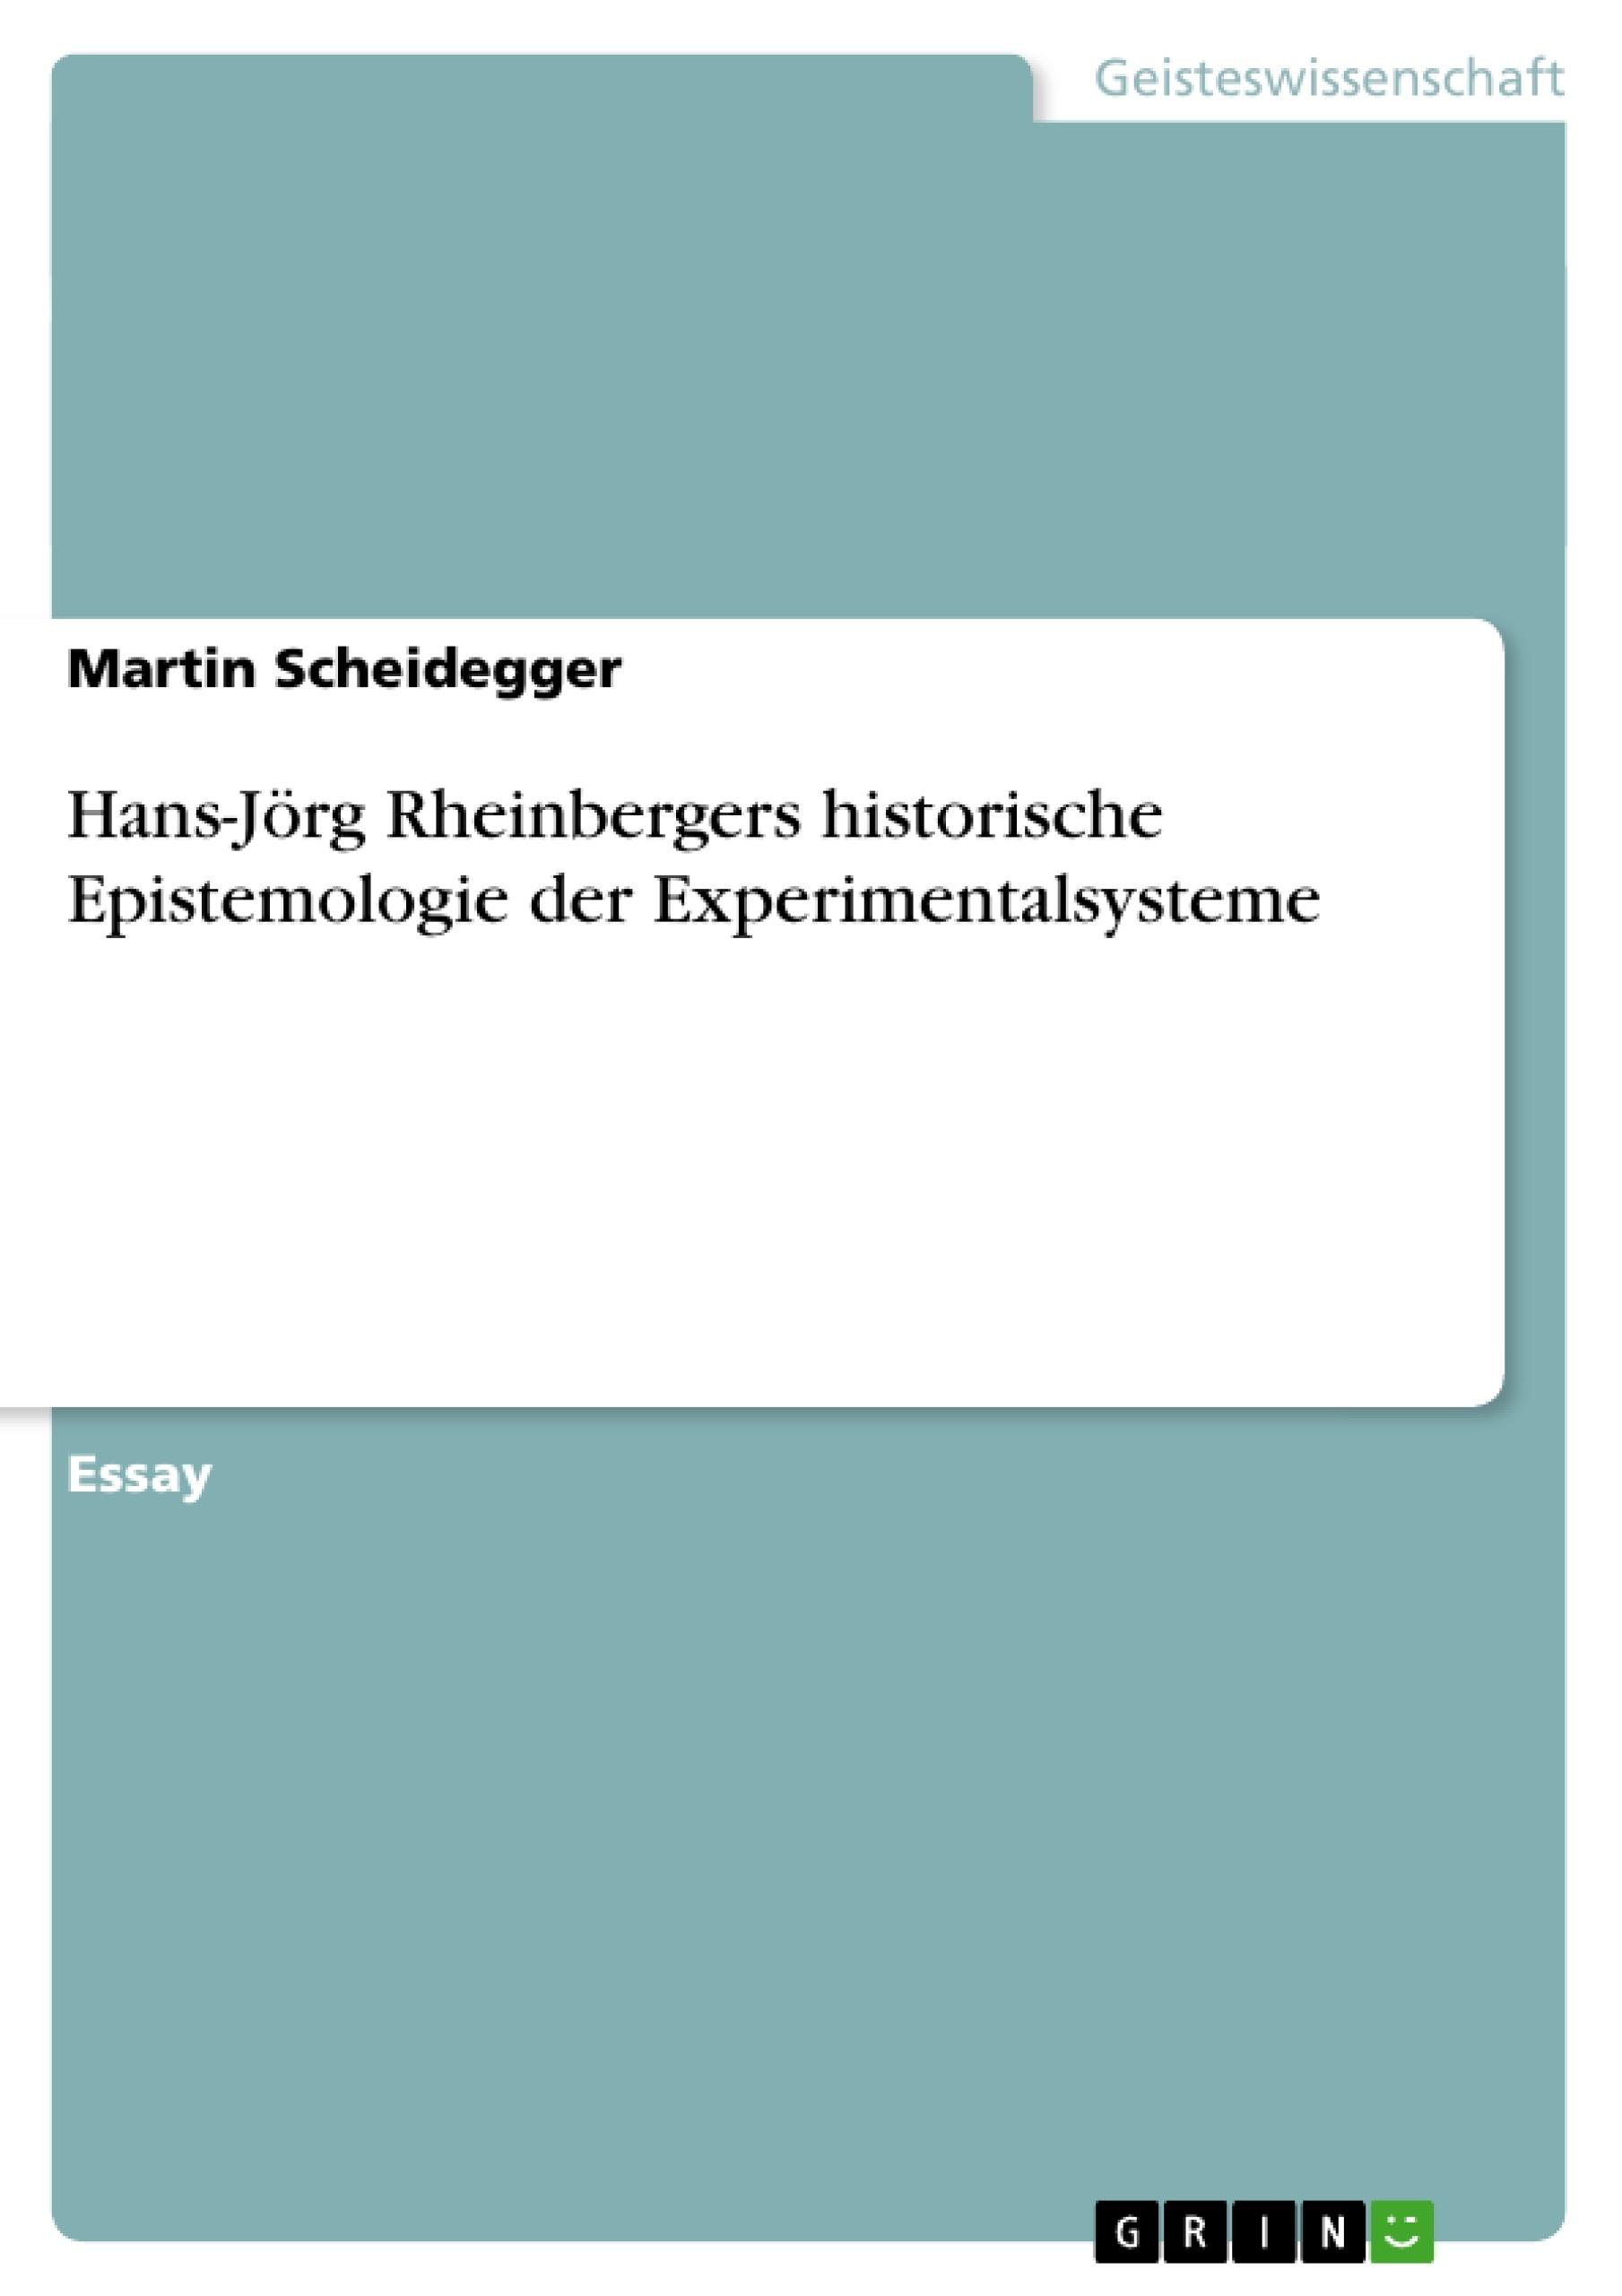 Titel: Hans-Jörg Rheinbergers historische Epistemologie der Experimentalsysteme